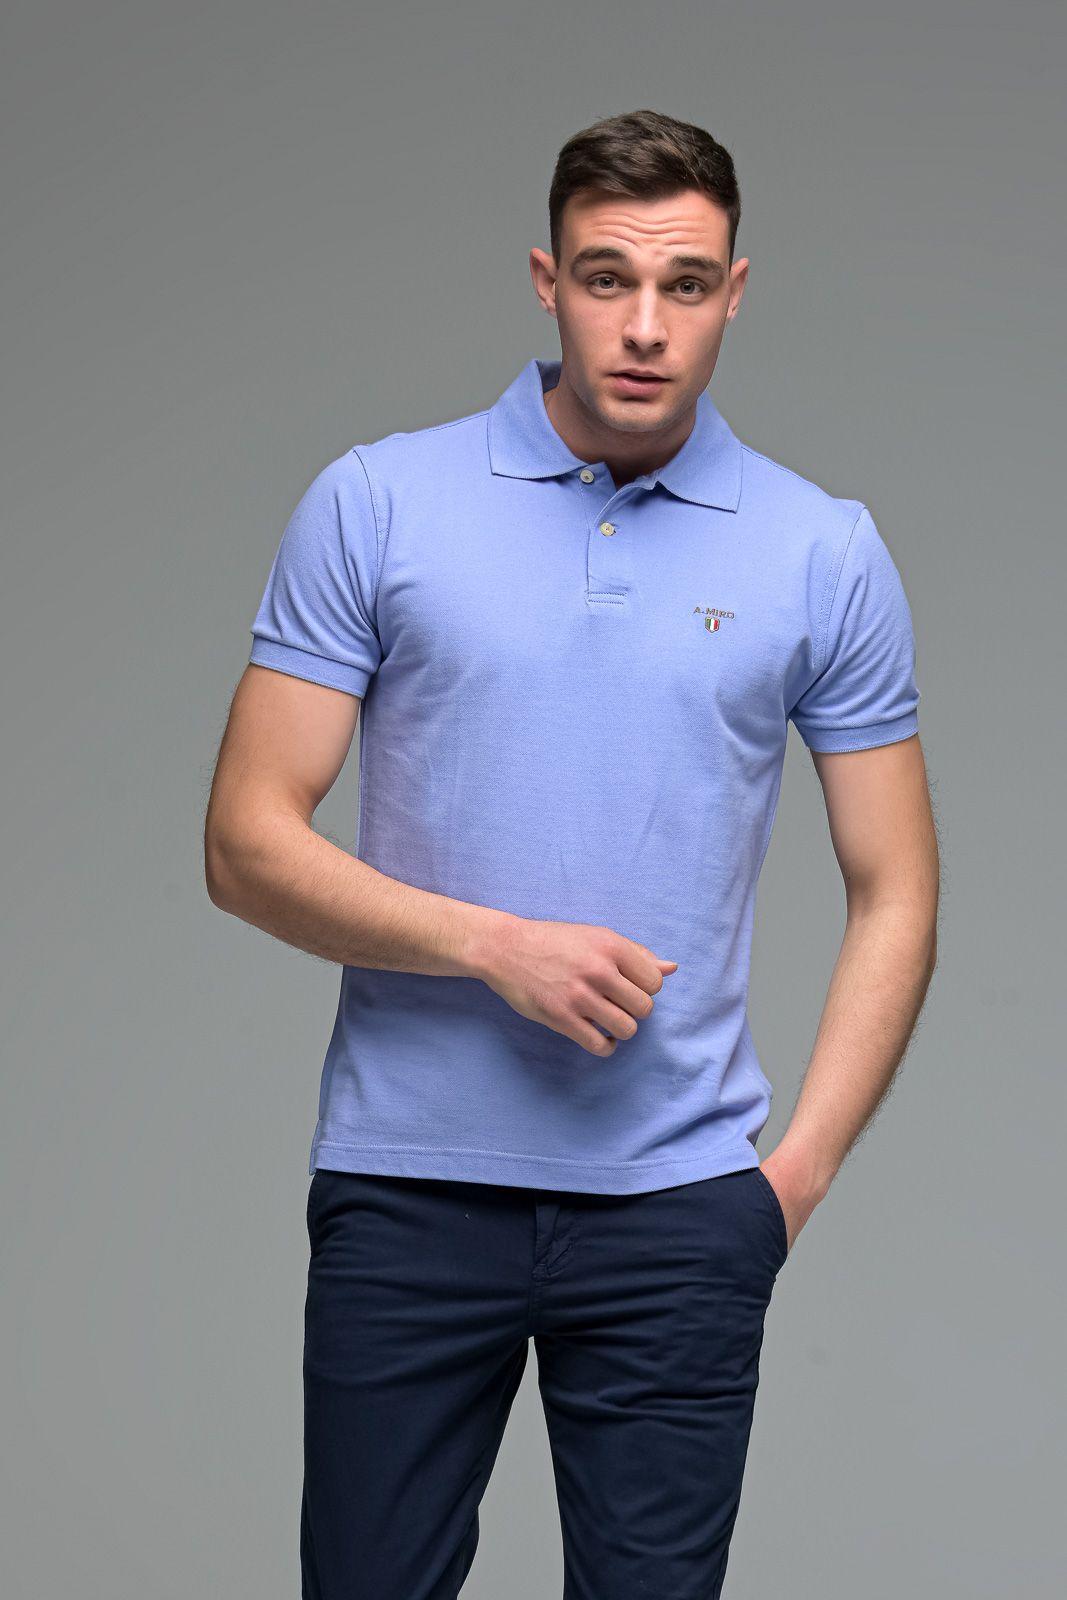 Μονόχρωμο Ανδρικό Πόλο Μπλουζάκι Μωβ Lavender Basic Collection- Slim Fit